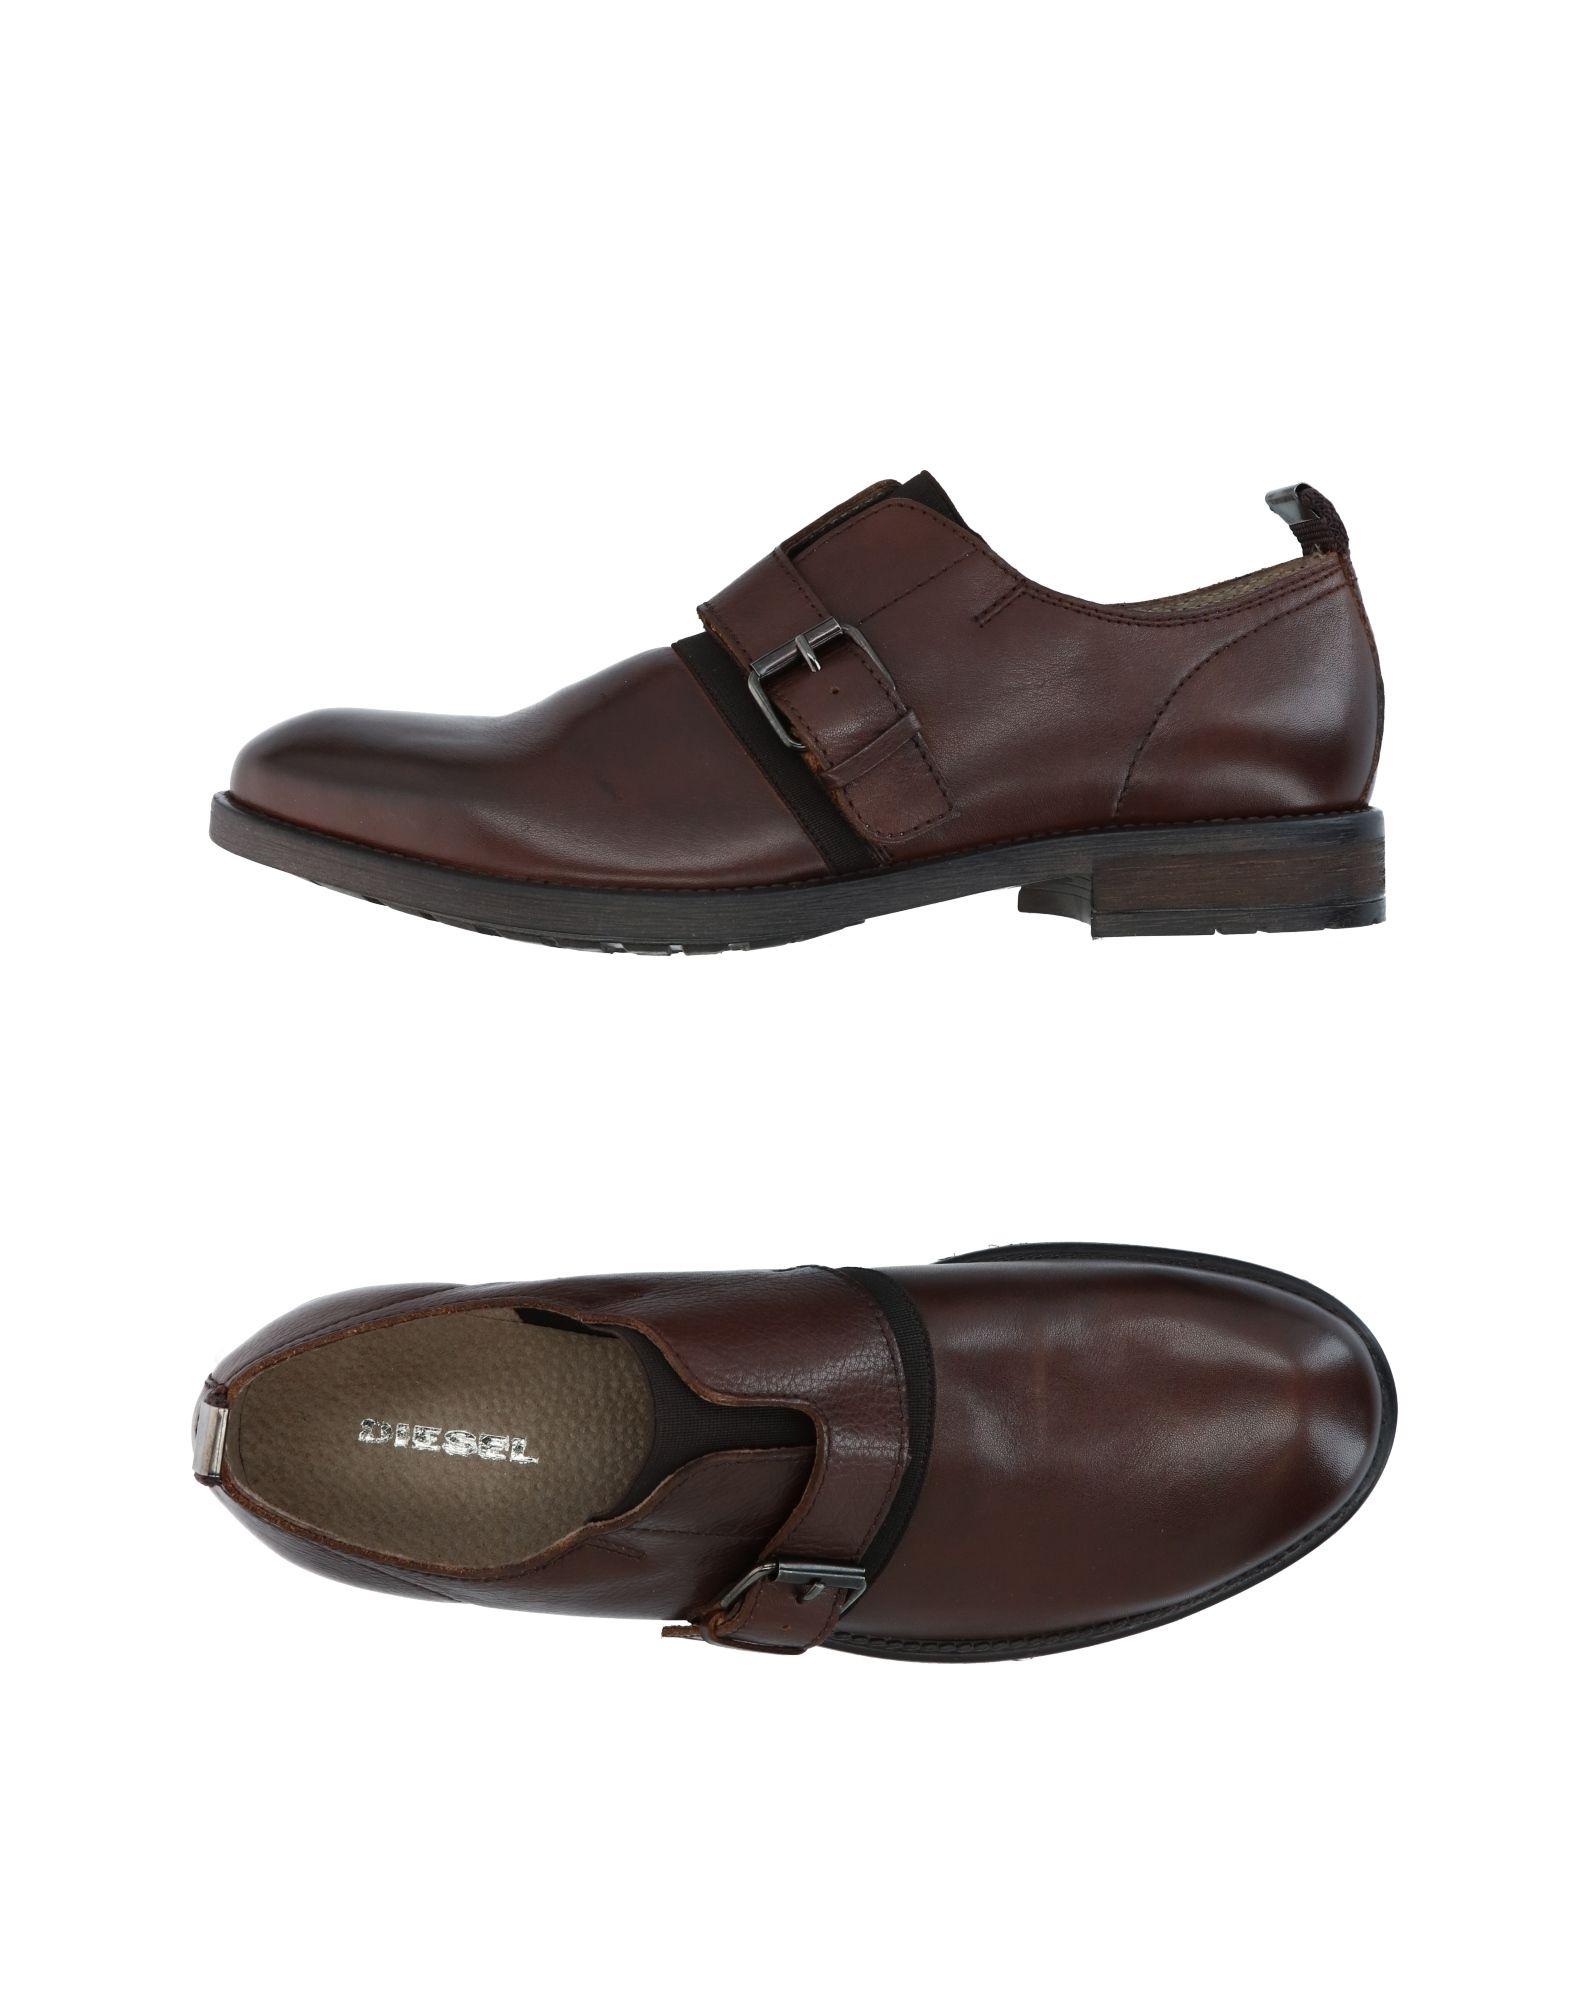 Diesel Mokassins Herren  11308501GE Gute Qualität beliebte Schuhe